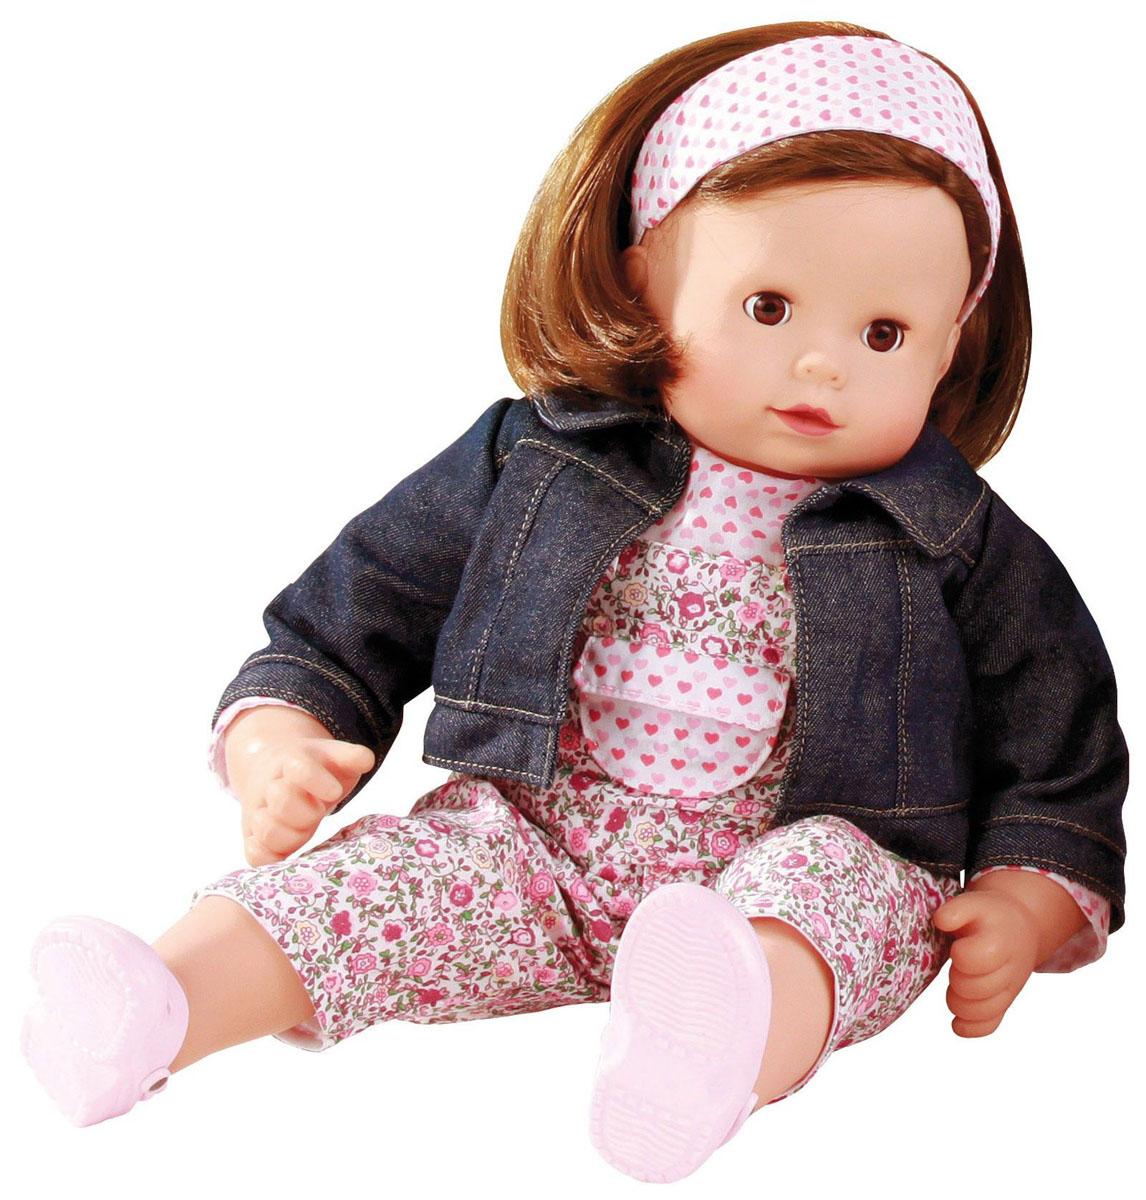 Gotz Кукла Макси-маффин шатенка1327168Кукла Макси-маффин станет замечательной подружкой для девочки, ведь ее удобно брать с собой и играть в разнообразные игры. Кукла немецкой фирмы Gotz создана с учетом потребностей подрастающих малышей, которые с интересом вступают в коммуникацию со сверстниками. Реалистичная кукла Gotz имеет мягкое тело и виниловую голову, ручки и ножки. Куклу можно сажать в любом положении, она подвижна, ее приятно обнимать и играть. У игрушки темные, густые волосы, которые позволяют делать прически, расчесывать и мыть ей голову. Малышка одета в яркий пестрый костюмчик и джинсовую курточку. Волосики куклы перевязаны широкой лентой в тон костюму, на ножках у нее - легкие летние ботиночки. Реалистичные черты лица и закрывающиеся глазки с ресницами позволяют ребенку погрузиться в атмосферу игр по настоящему сценарию, повторять сюжеты из жизни и заботиться о маленькой девочке.